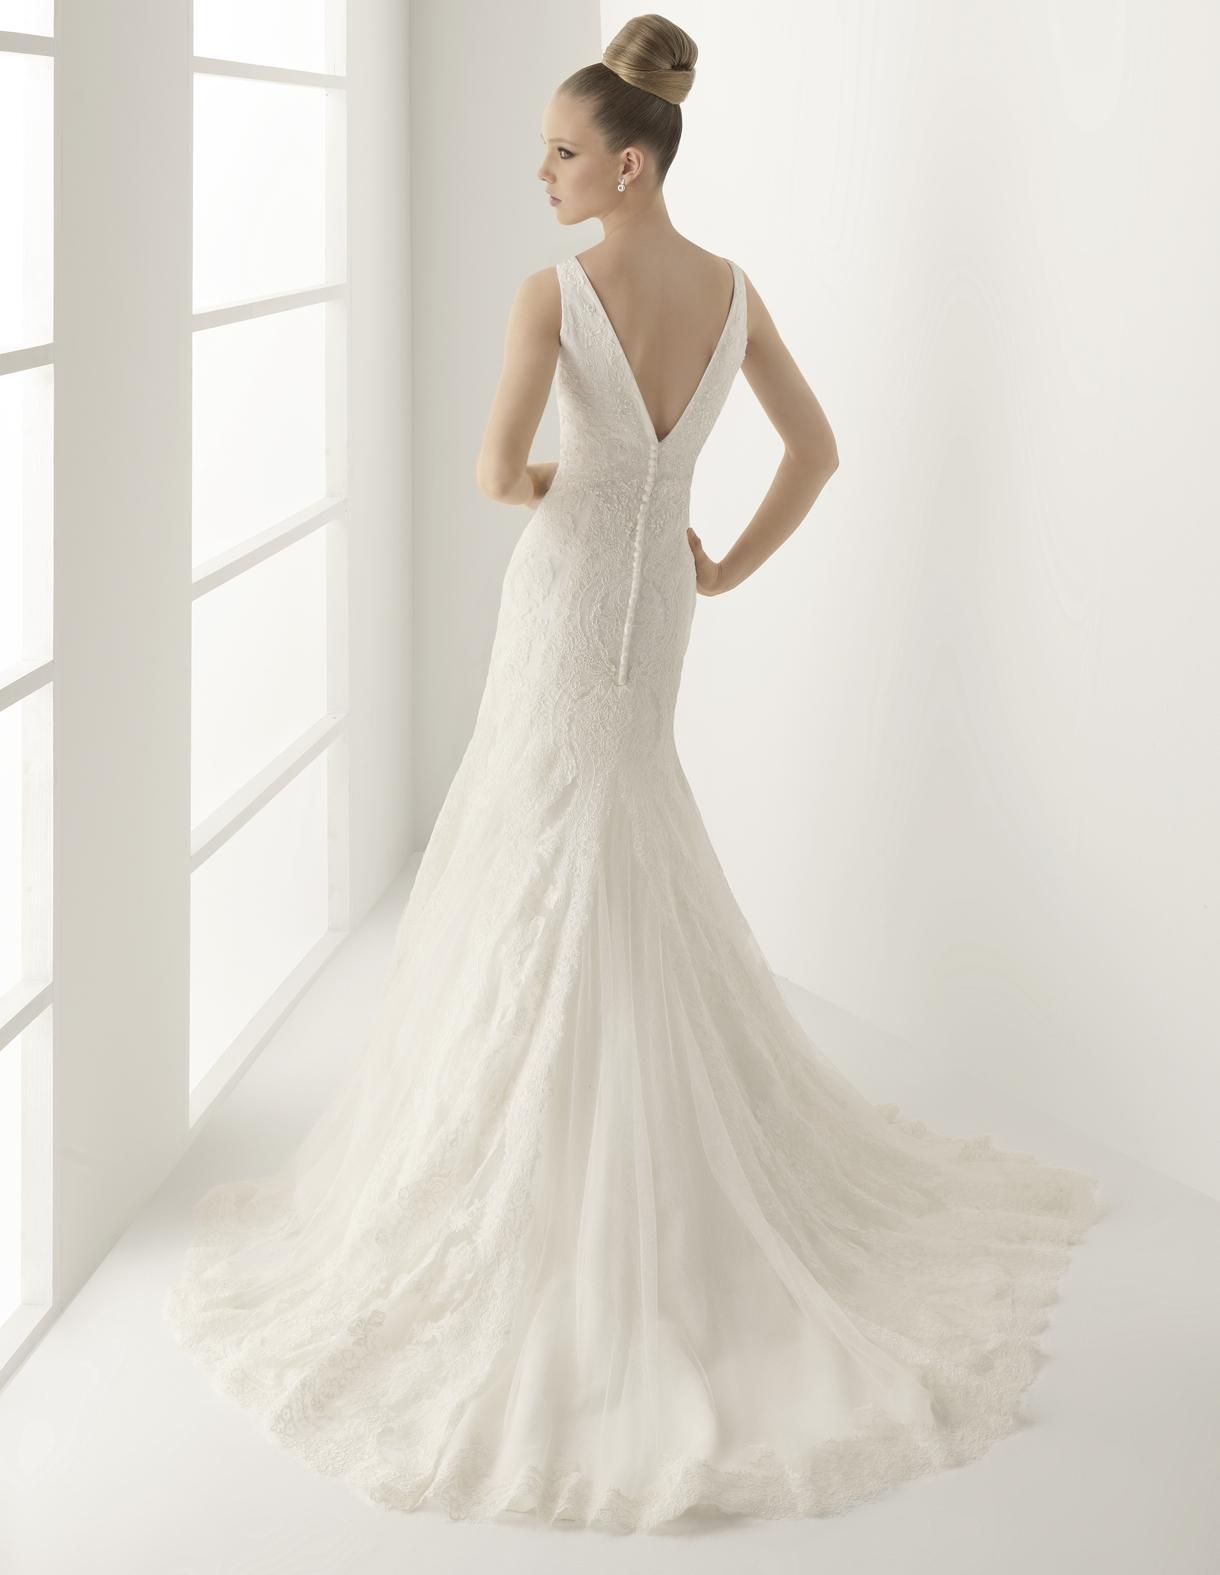 Vestidos boda valencia baratos